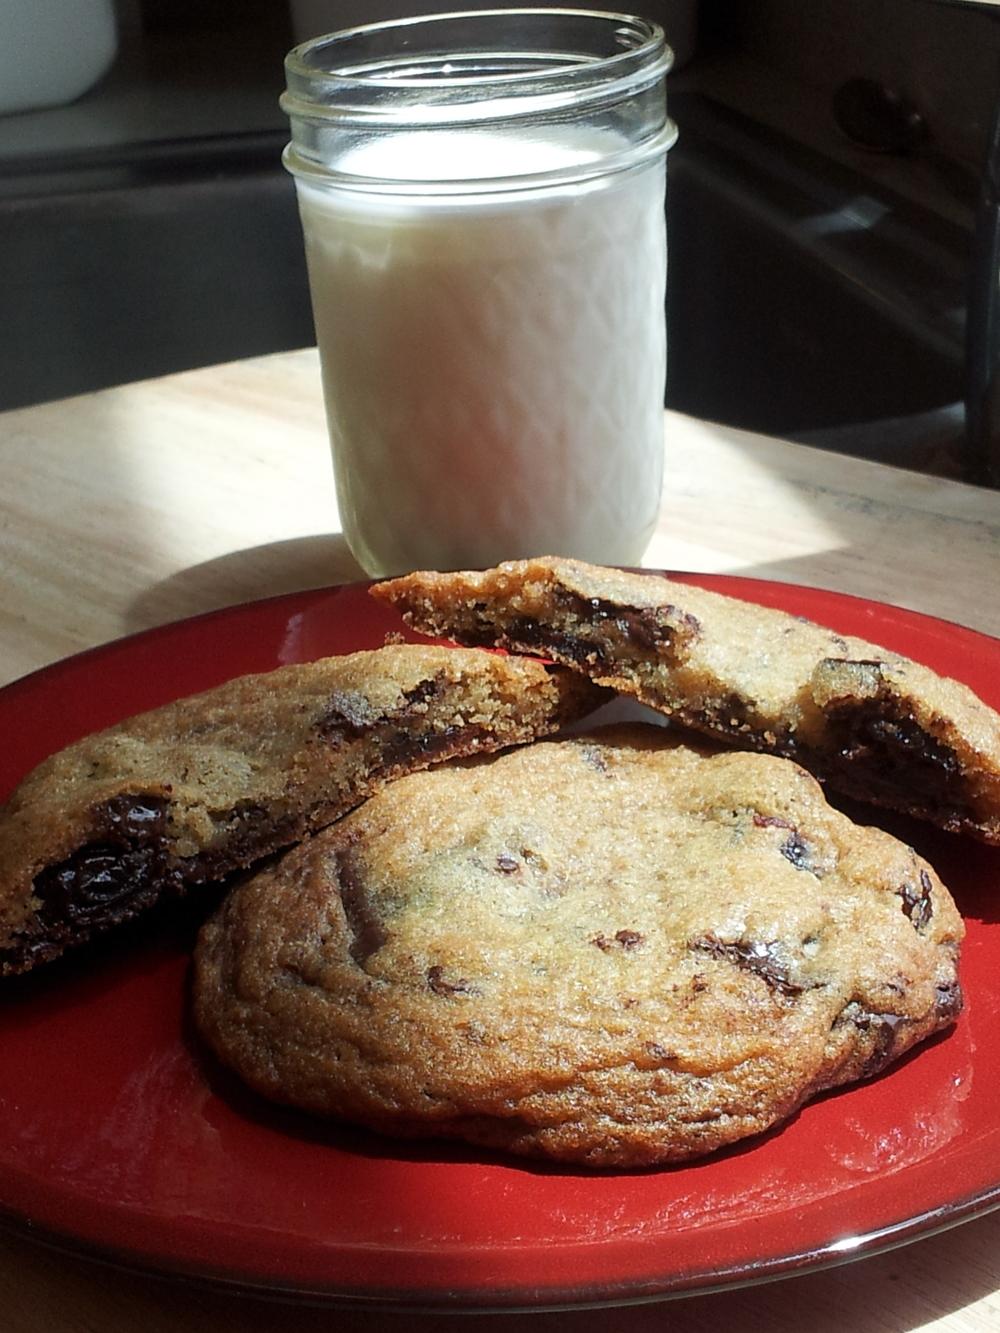 Chocolate Cherry Chunk Cookie and Raw Milk- Yum!